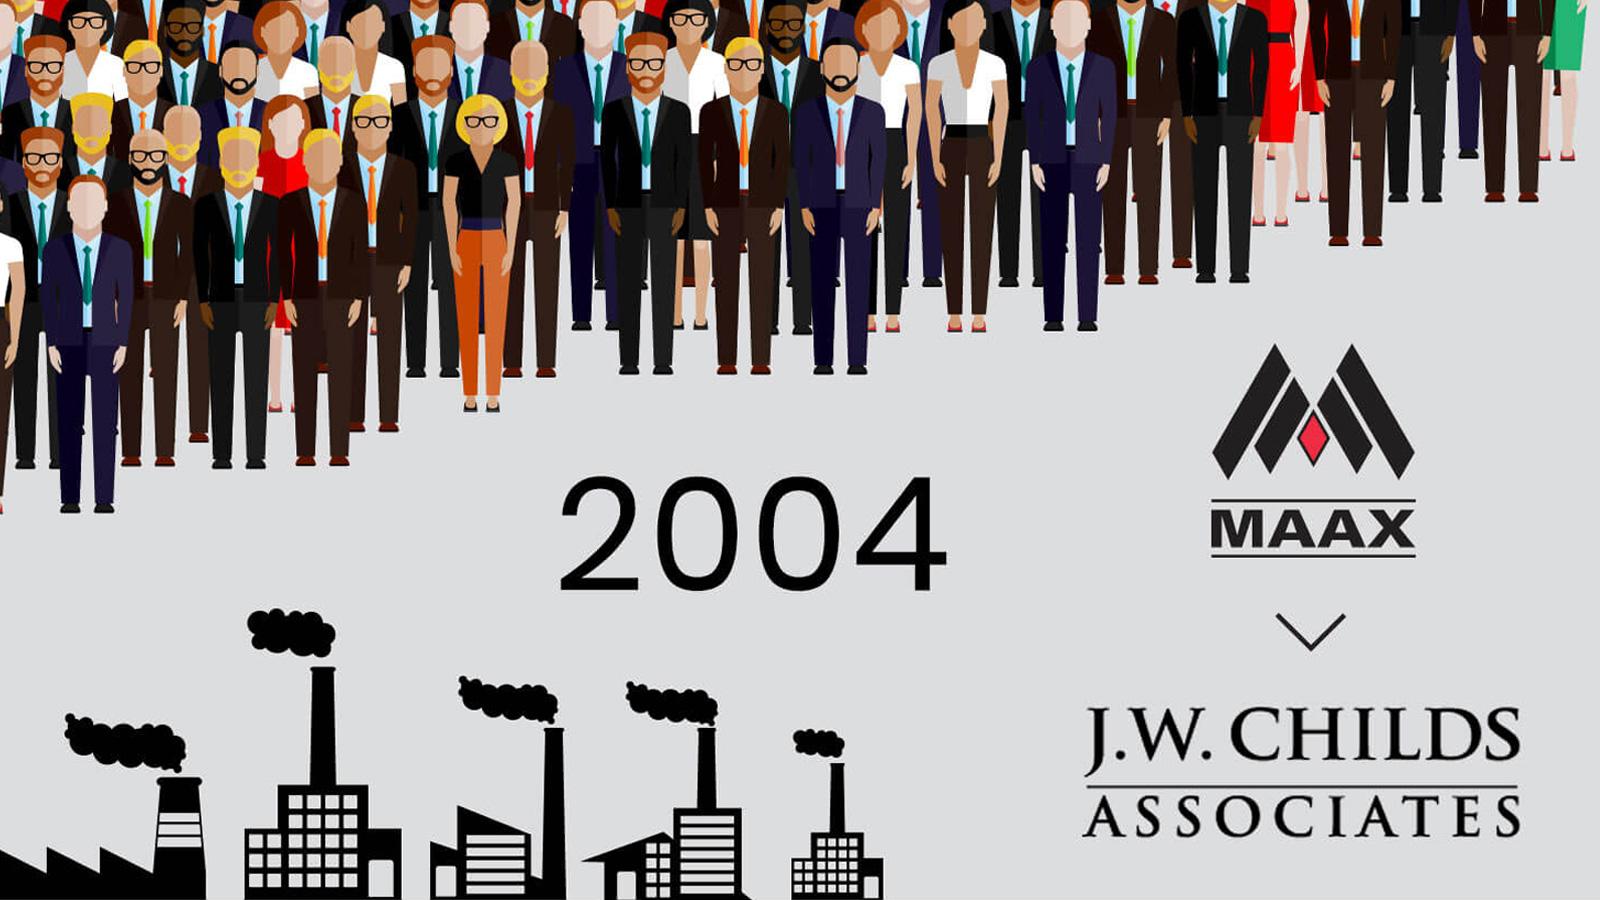 MAAX History 2004